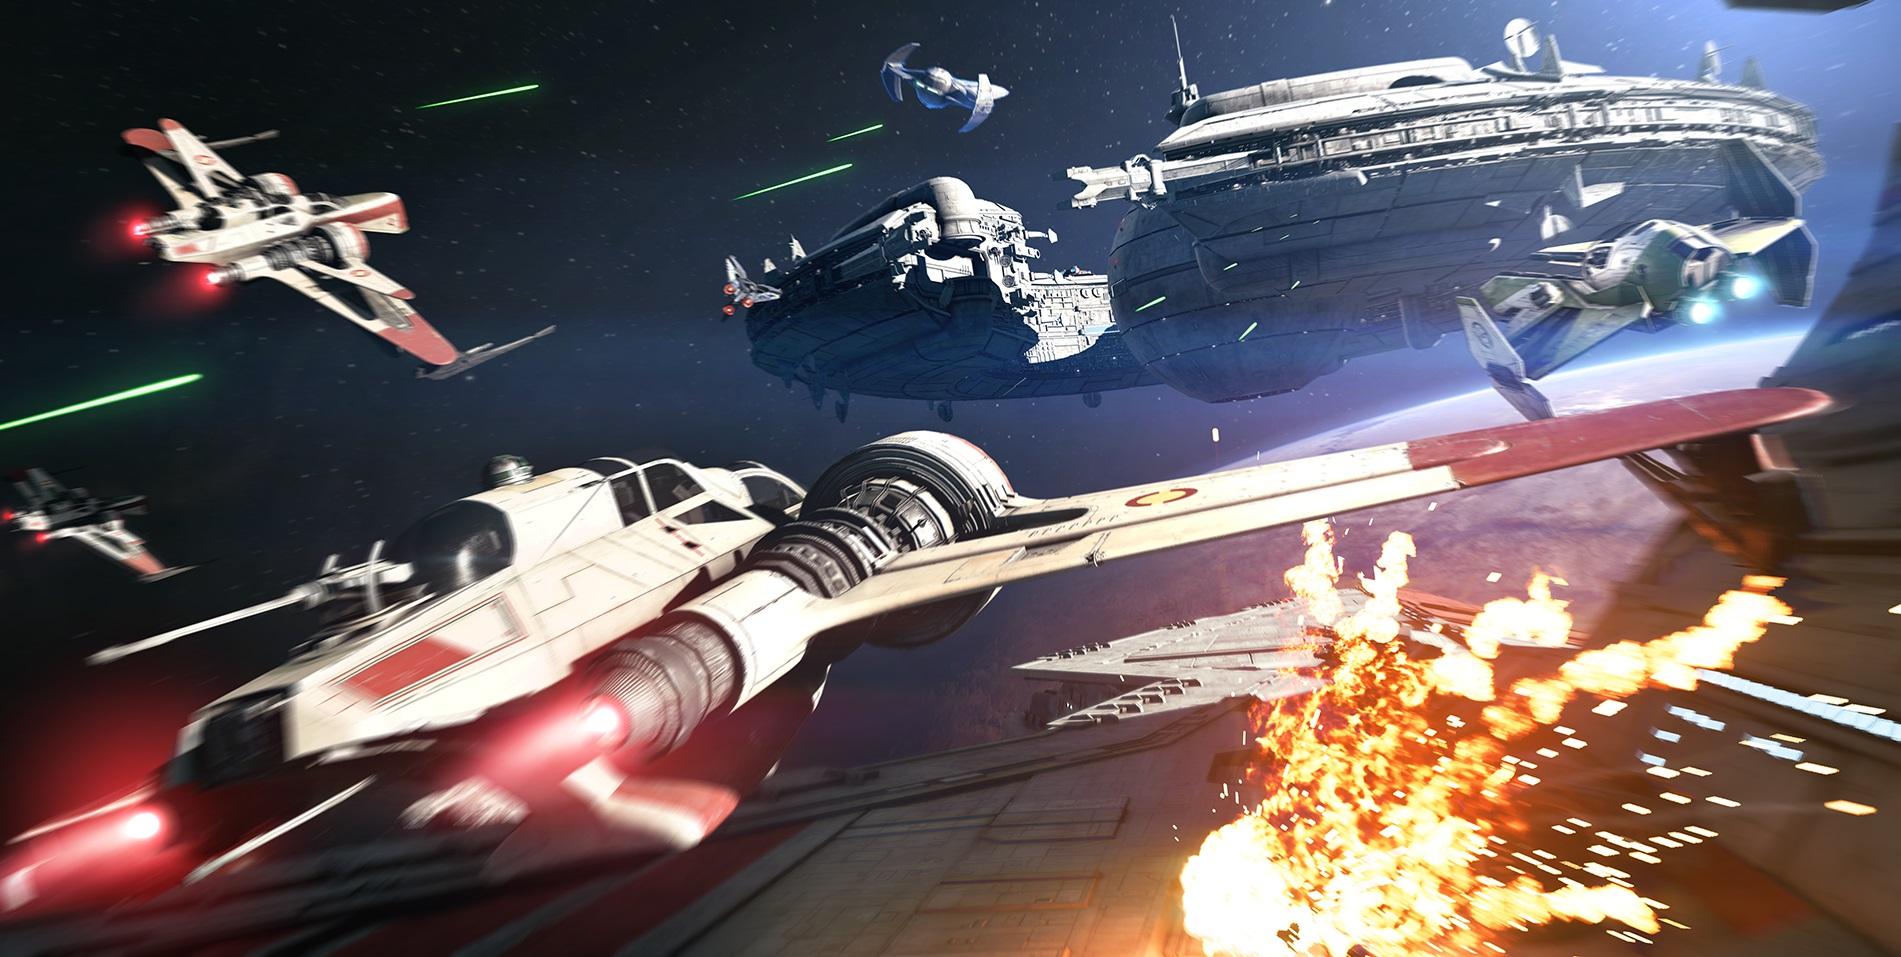 Star Wars Battlefront 2 - starfighter combat